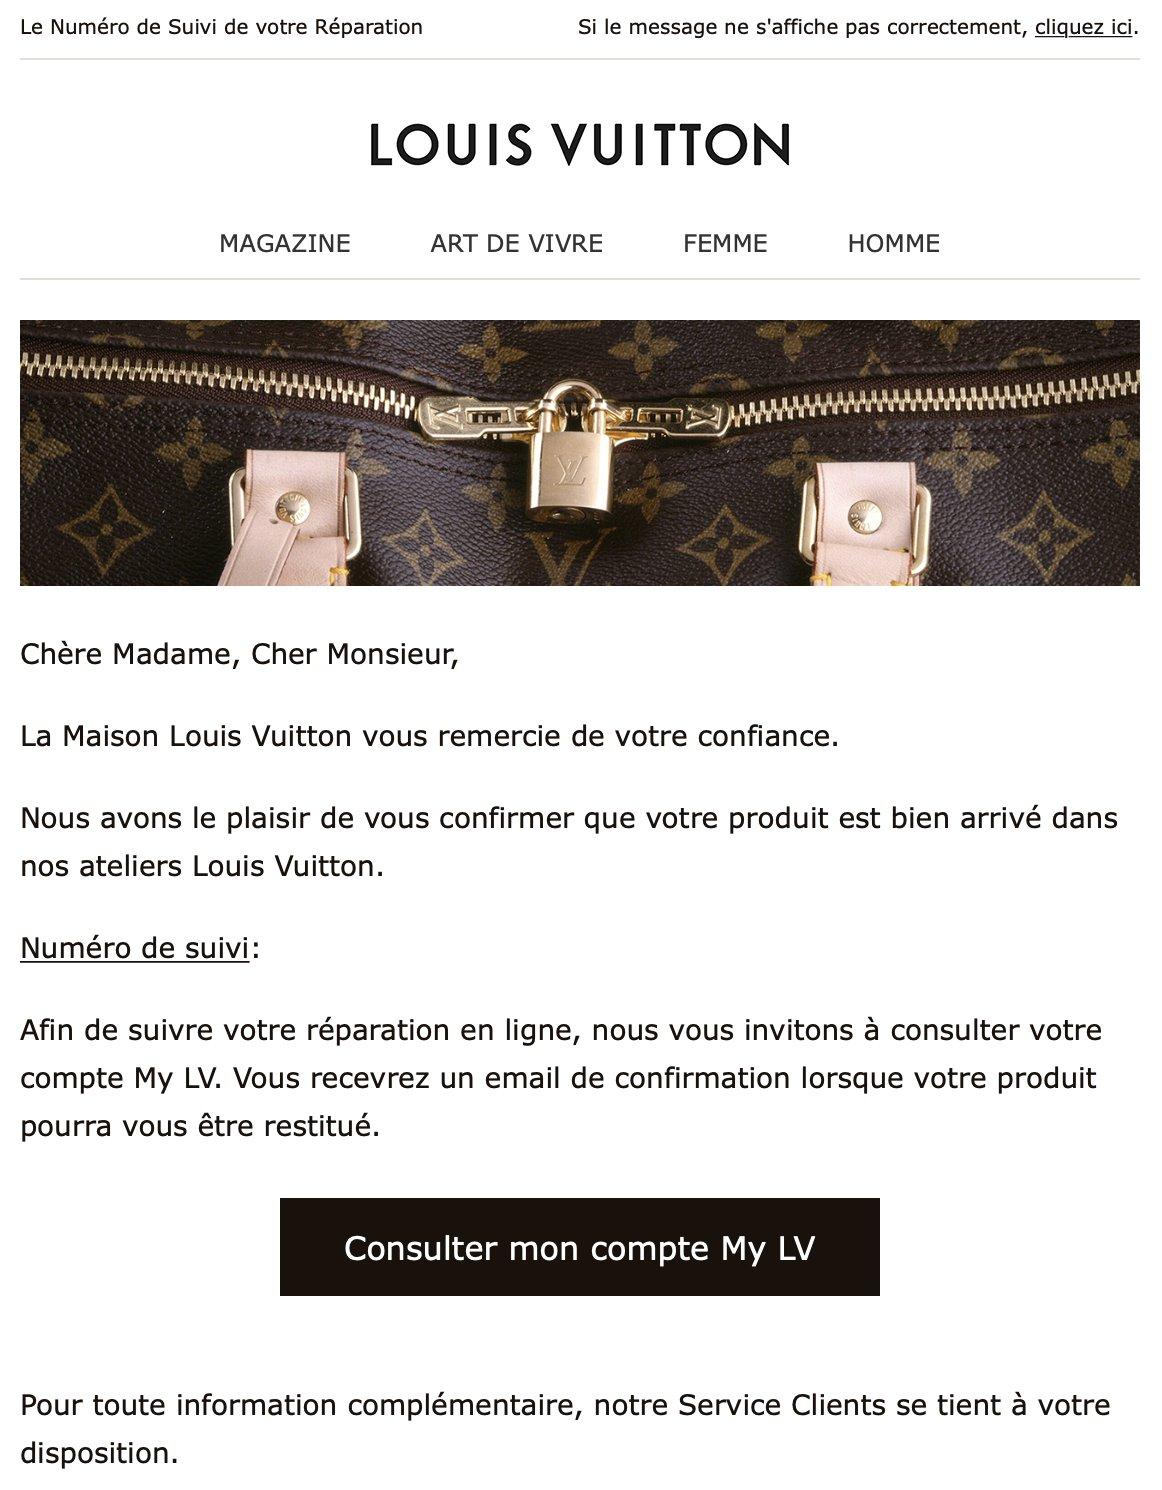 Notification par e-mail de Louis Vuitton